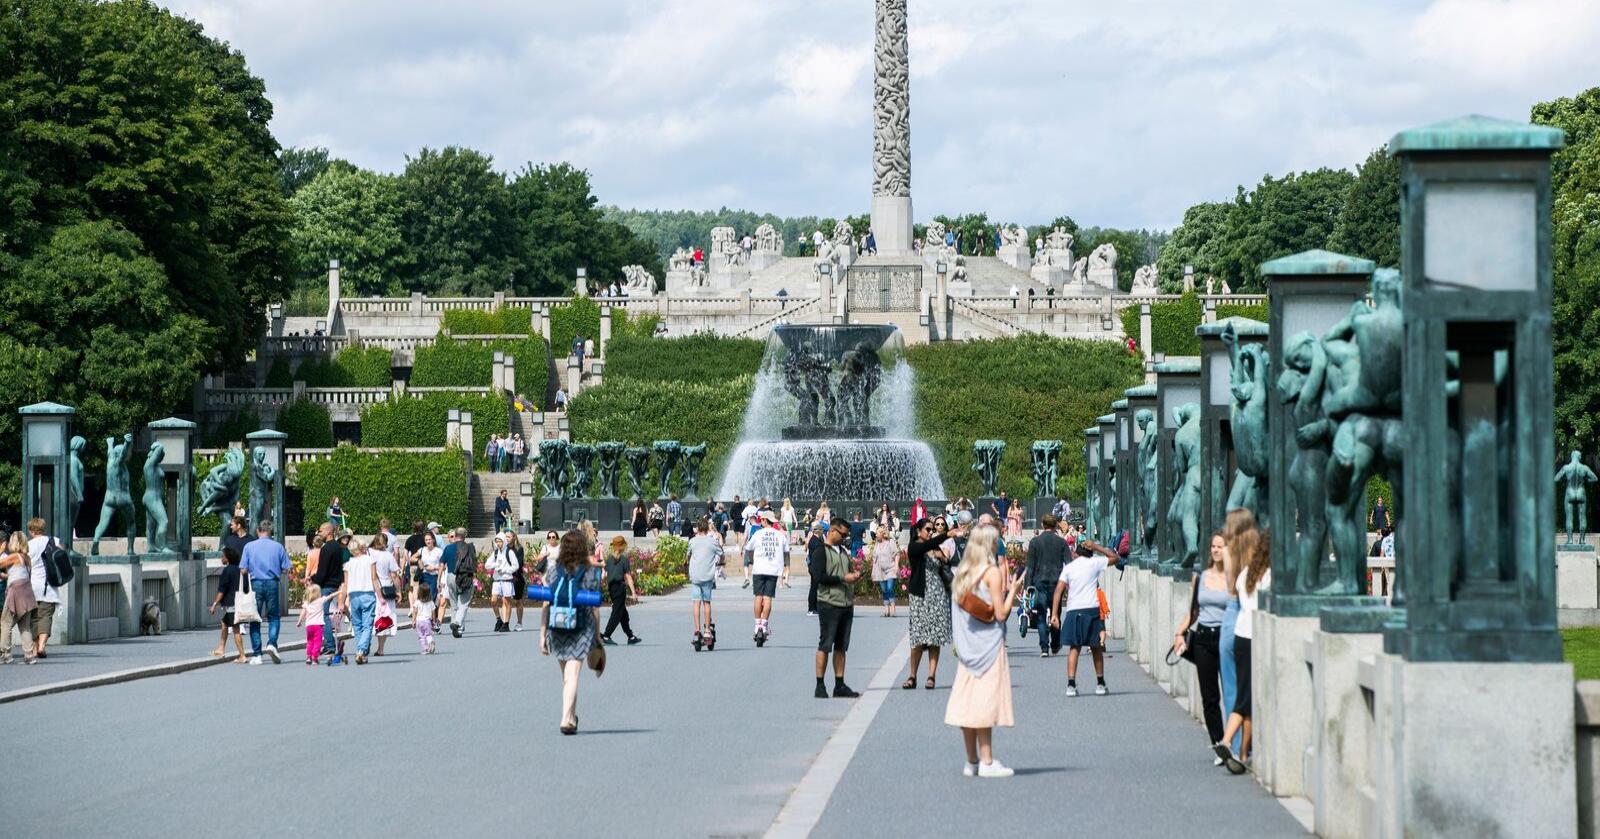 Turister kikker på skulpturene i Frognerparken i Oslo. Sommeren gikk bedre enn ventet for den norske reiselivsnæringen, men frykten er at høsten blir tung. Mandag kommer det mer krisehjelp. Foto: Berit Roald / NTB